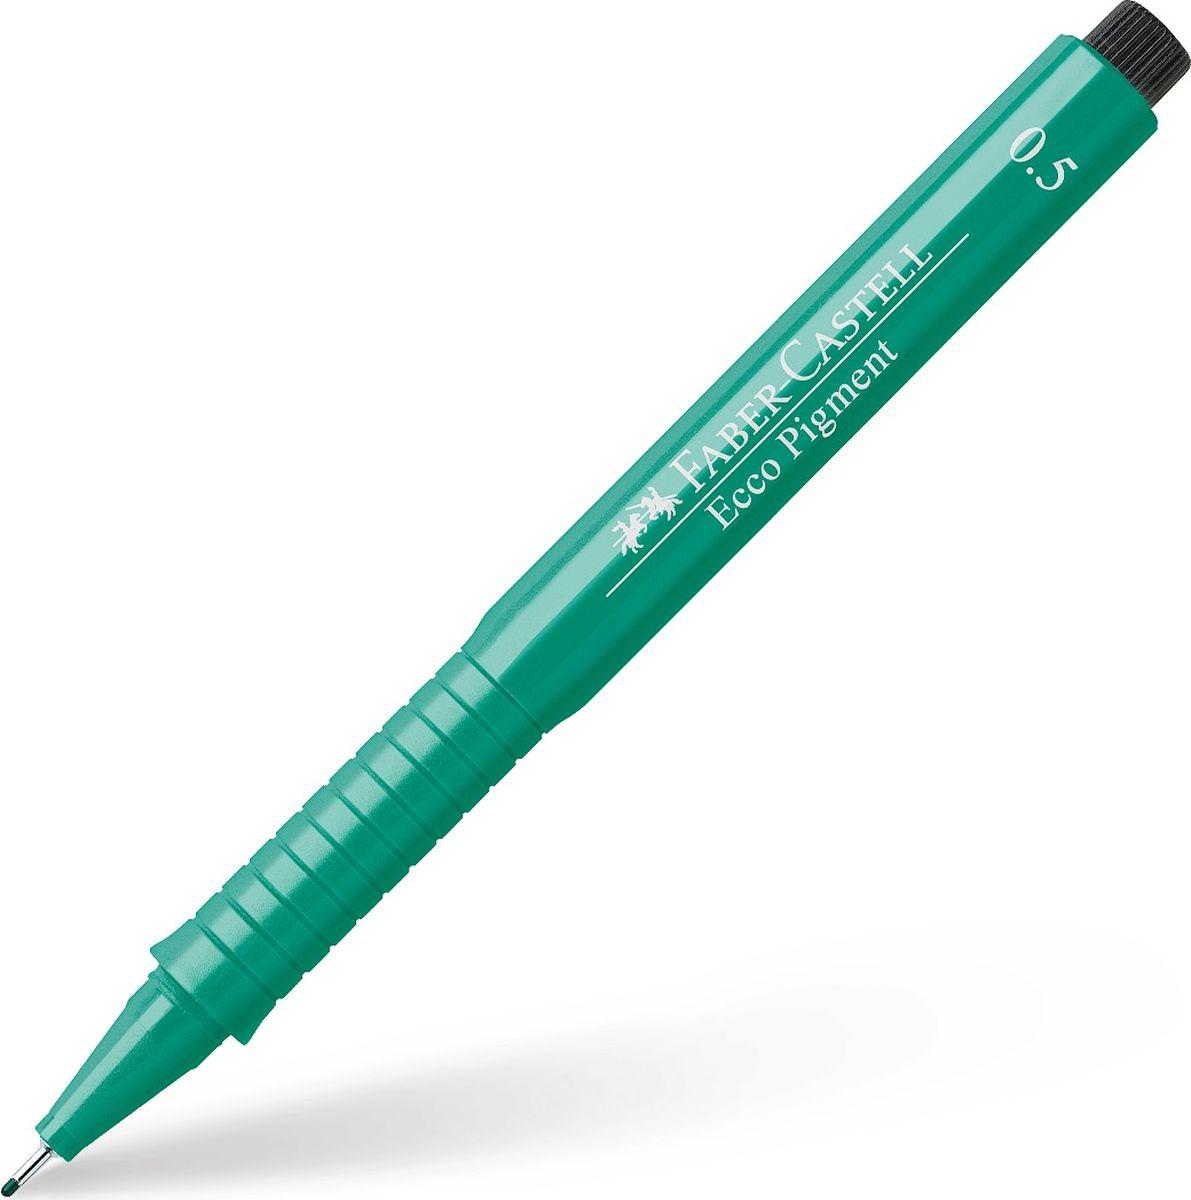 Faber-Castell Ручка капиллярная Ecco Pigment цвет зеленый 10 шт 166563C13S041944 идеальны для письма, рисования, набросков пигментные черные чернила водо- и светоустойчивые позволяют рисование с линейкой и по шаблону длинный кончик с металлическим корпусом эргономичная область захвата металлический клип 9 типов толщины линии